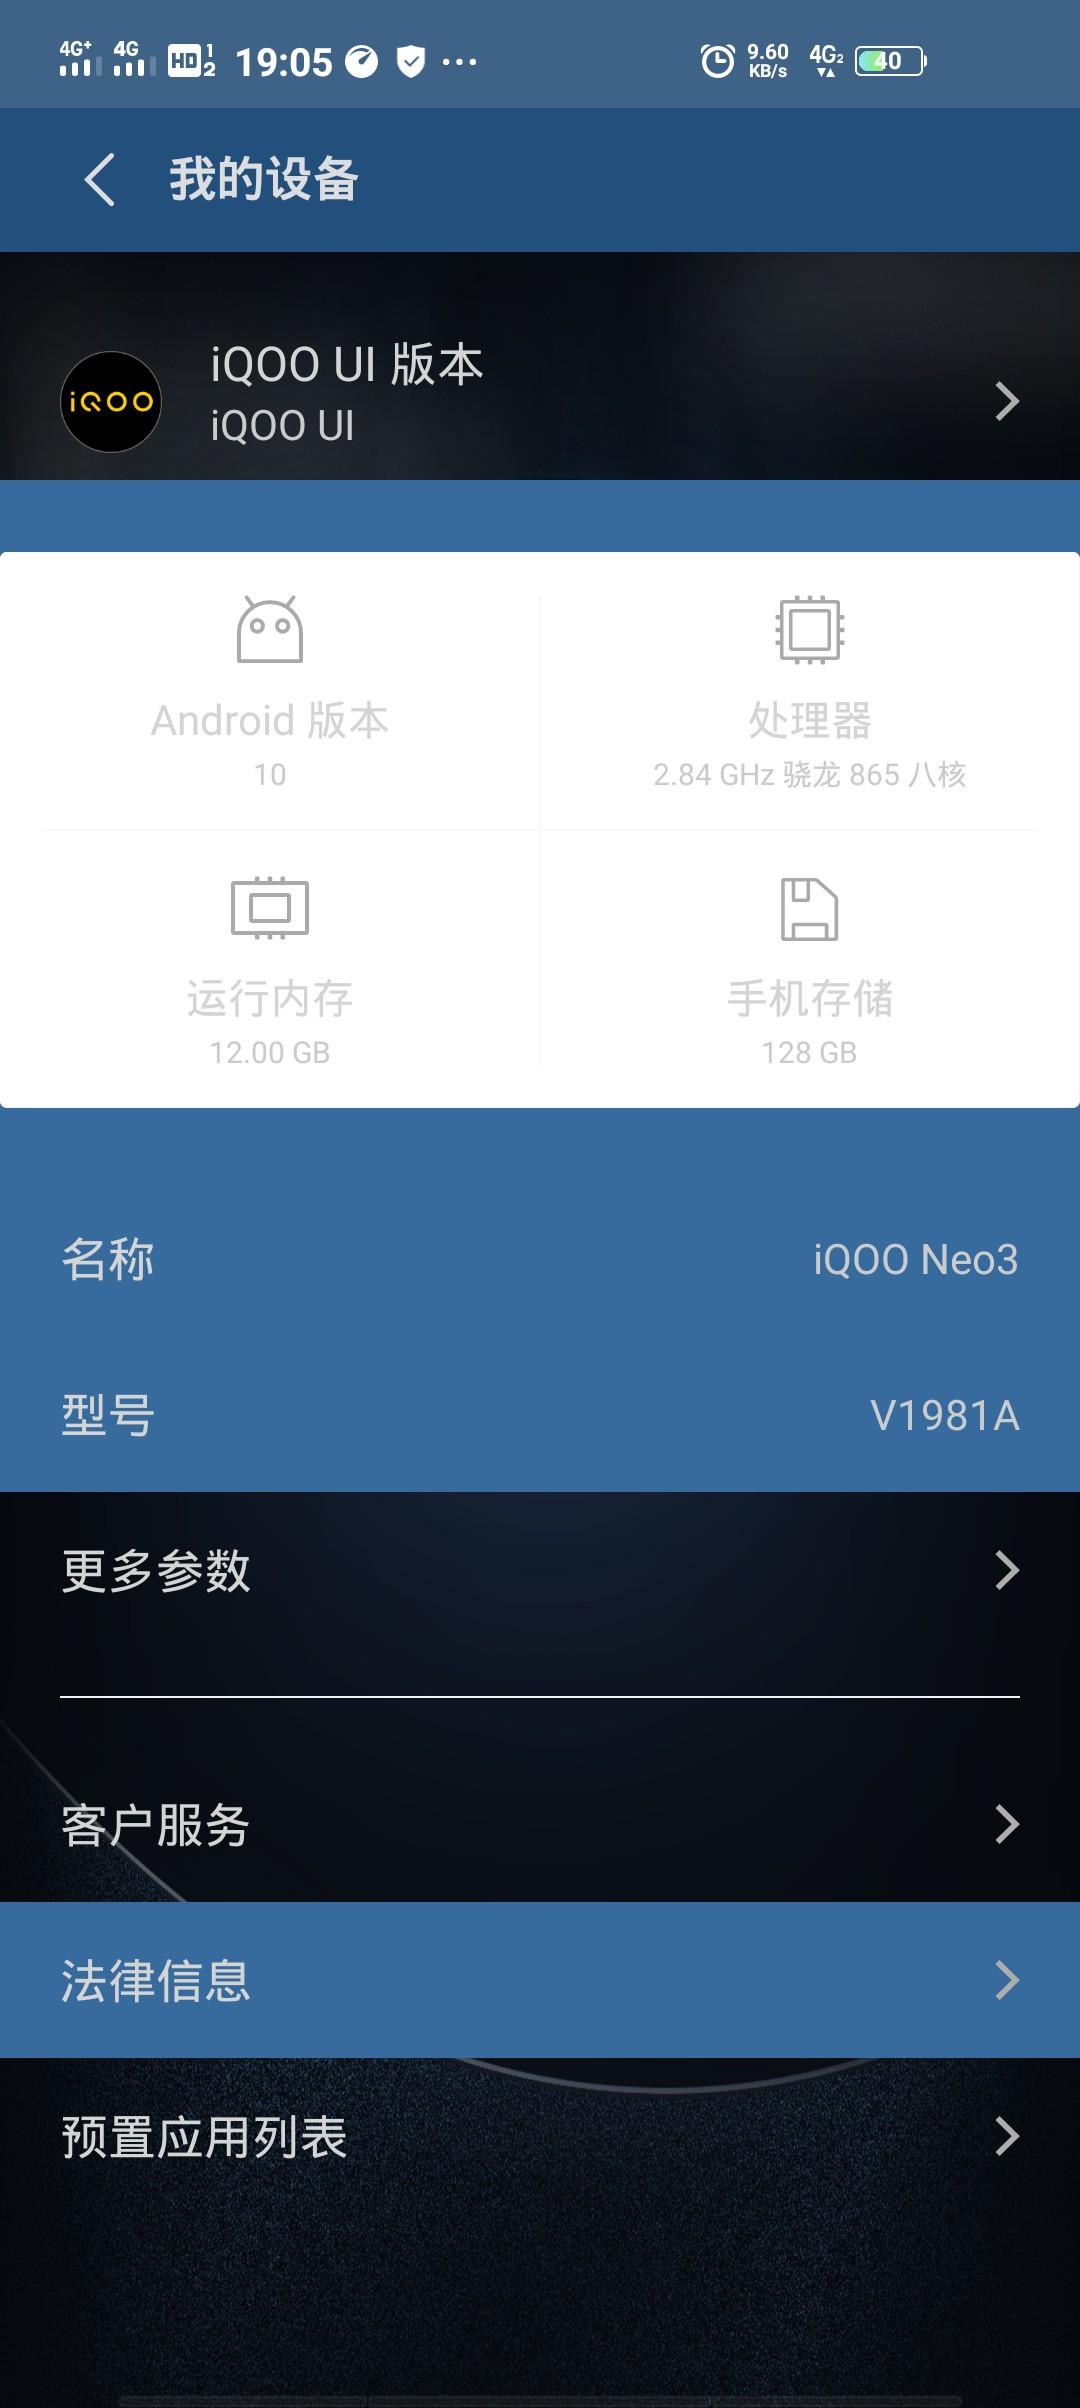 Screenshot_2020_0726_190526.jpg